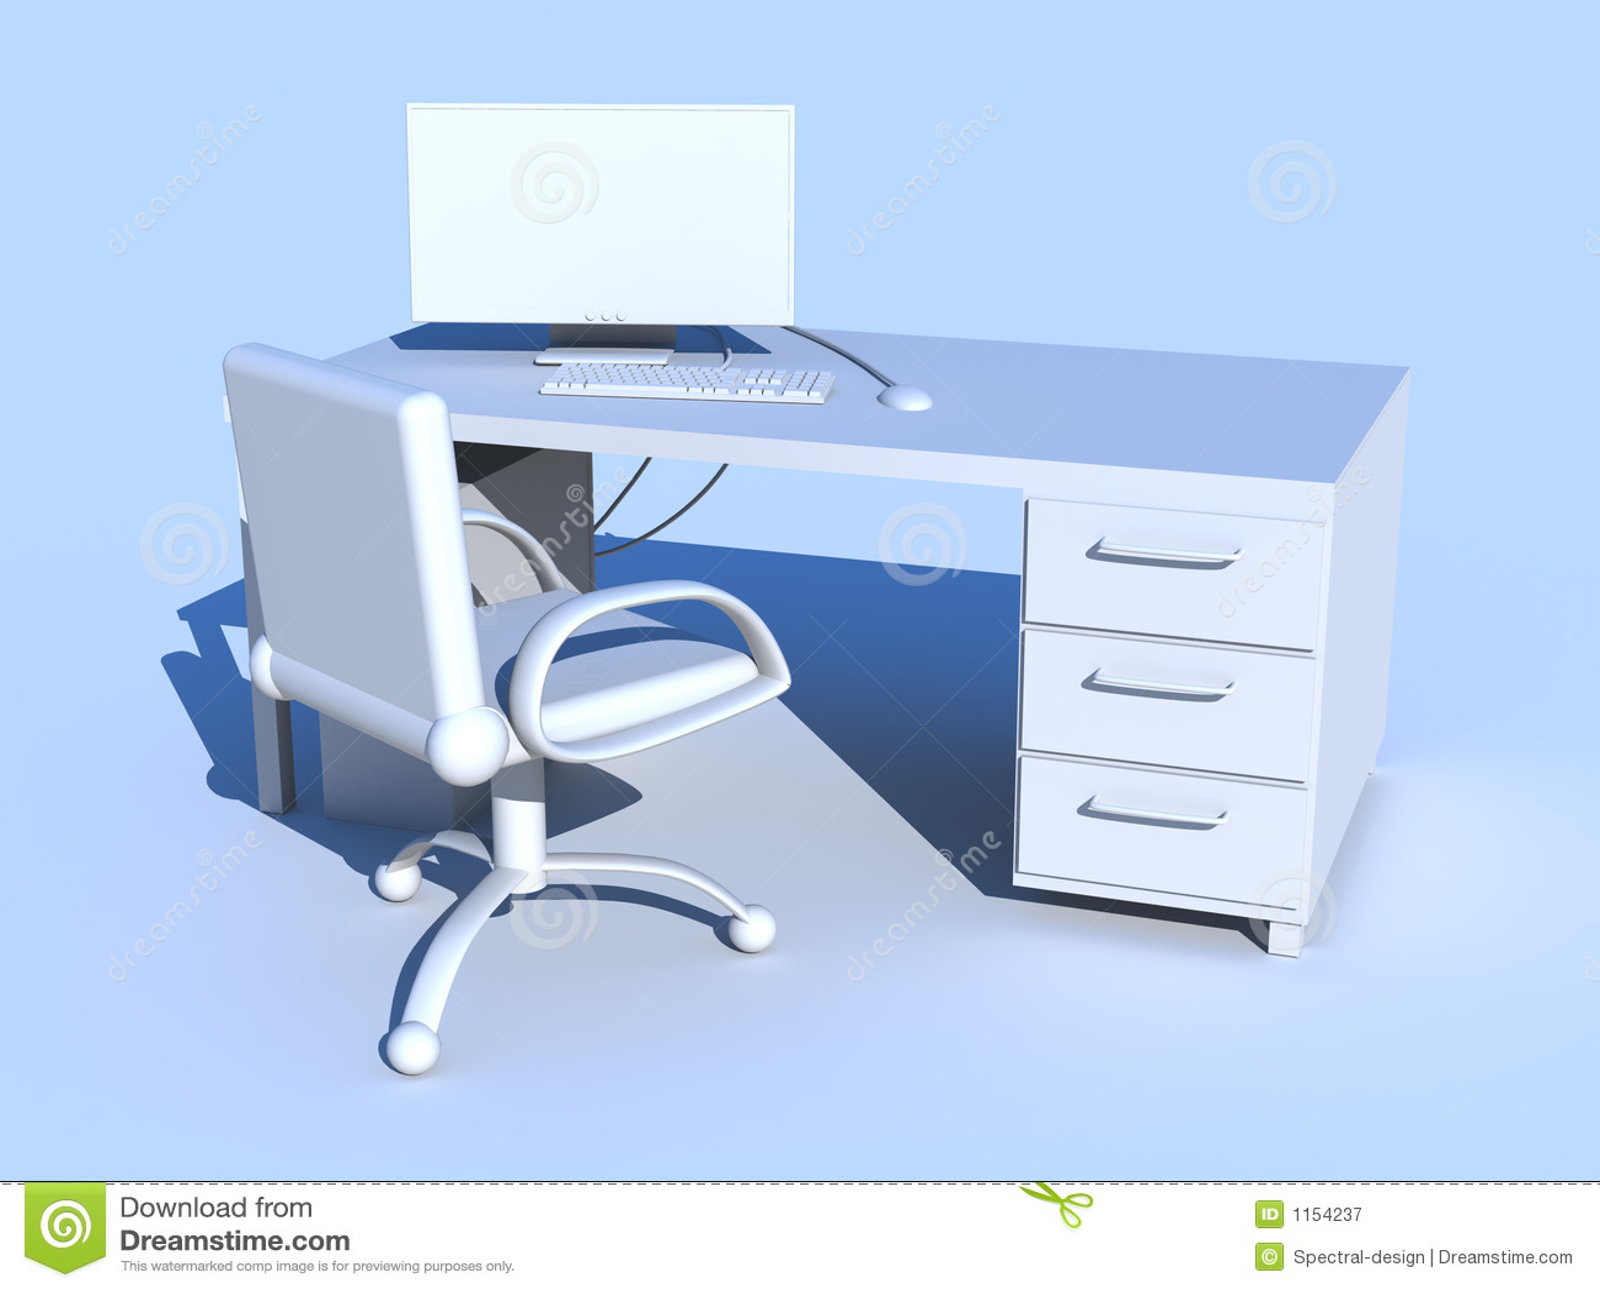 blauer pc arbeitsplatz lizenzfreie stockfotografie bild. Black Bedroom Furniture Sets. Home Design Ideas